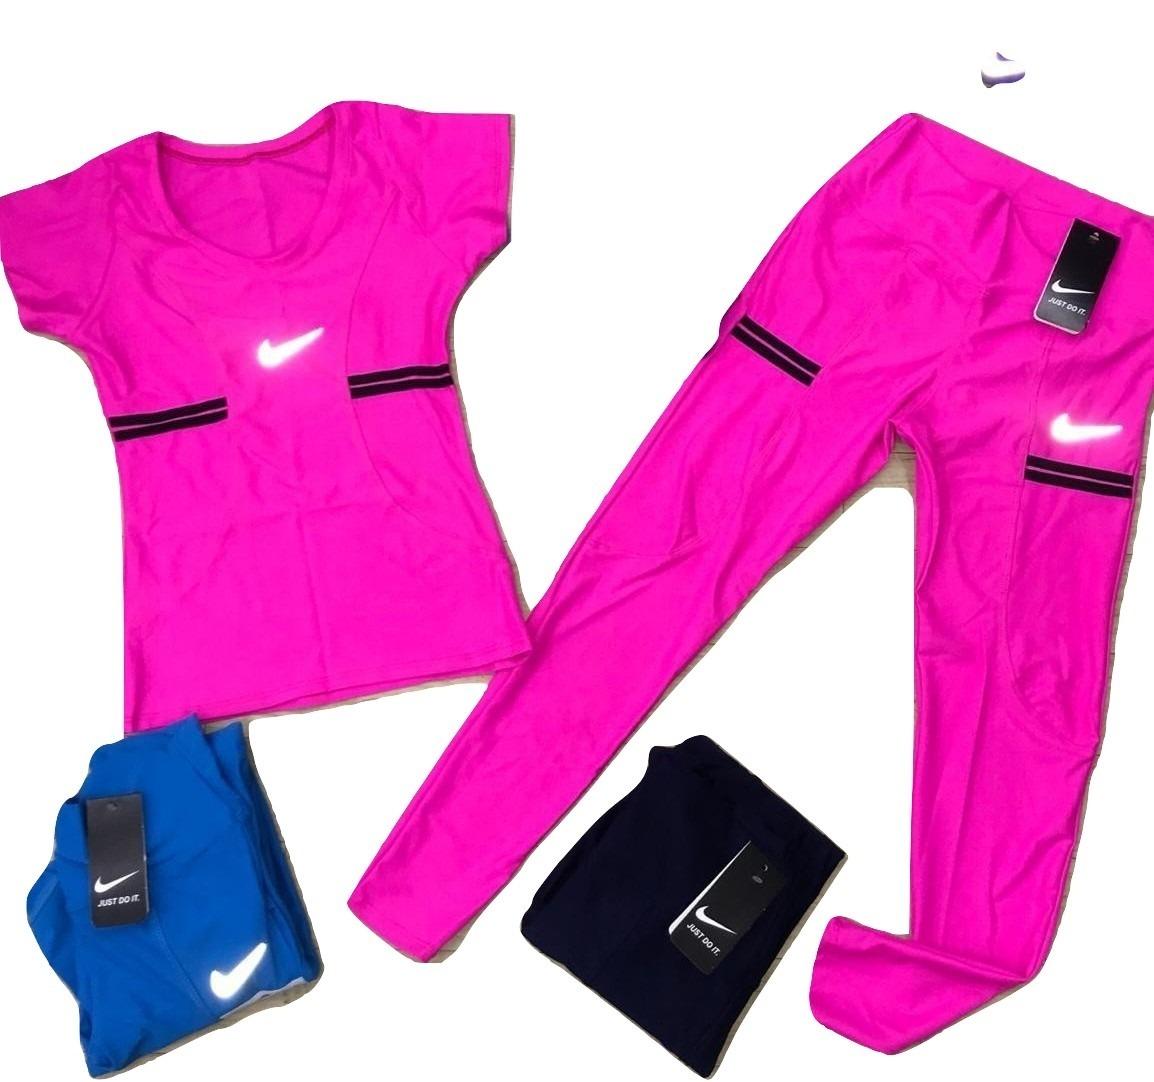 Conjuntos Deportivos Licras Nike Para Dama -   69.900 en Mercado Libre cfaae96a885e0